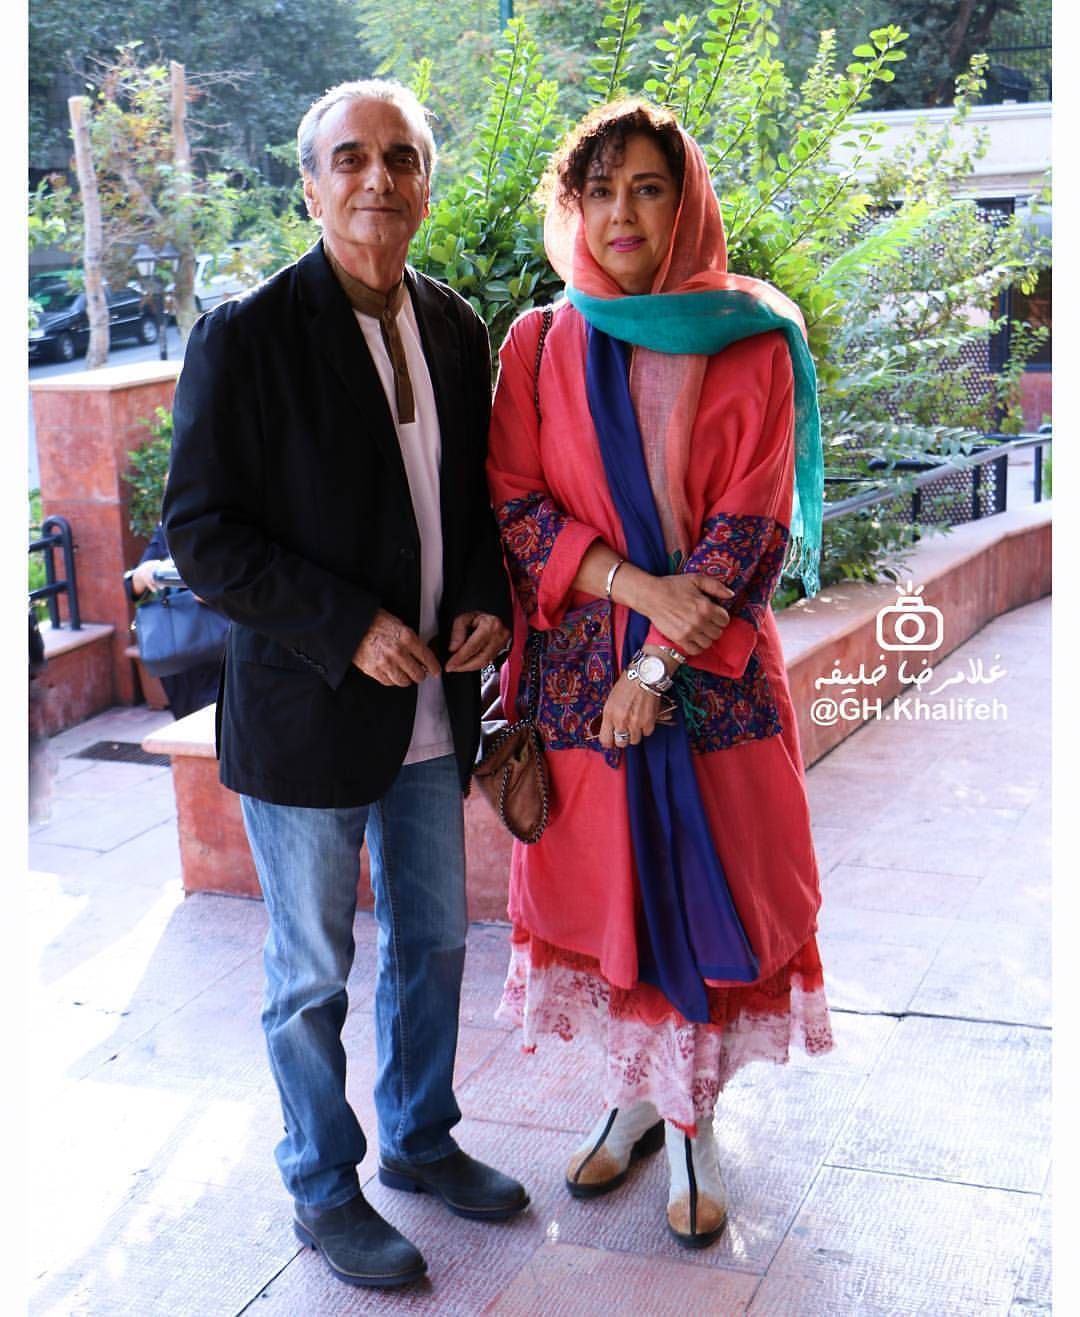 عکس شخصی همایون ارشادی با همسرش